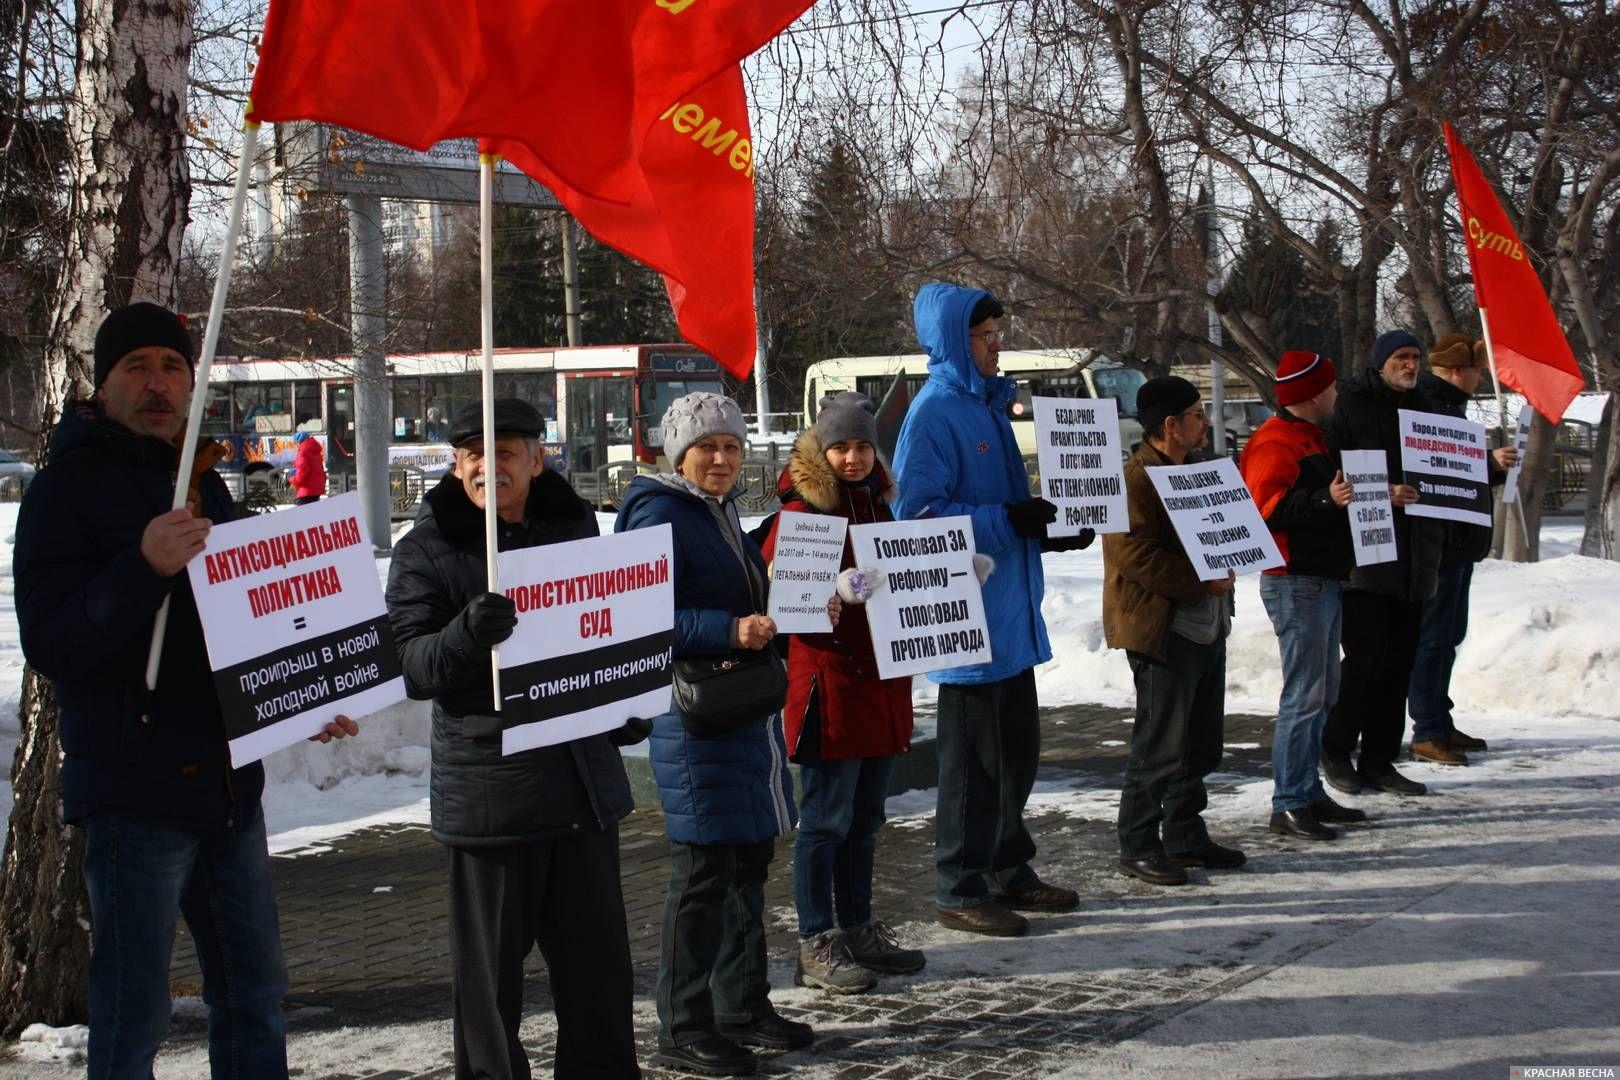 Пикет против пенсионной реформы. Барнаул. 03.03.2019